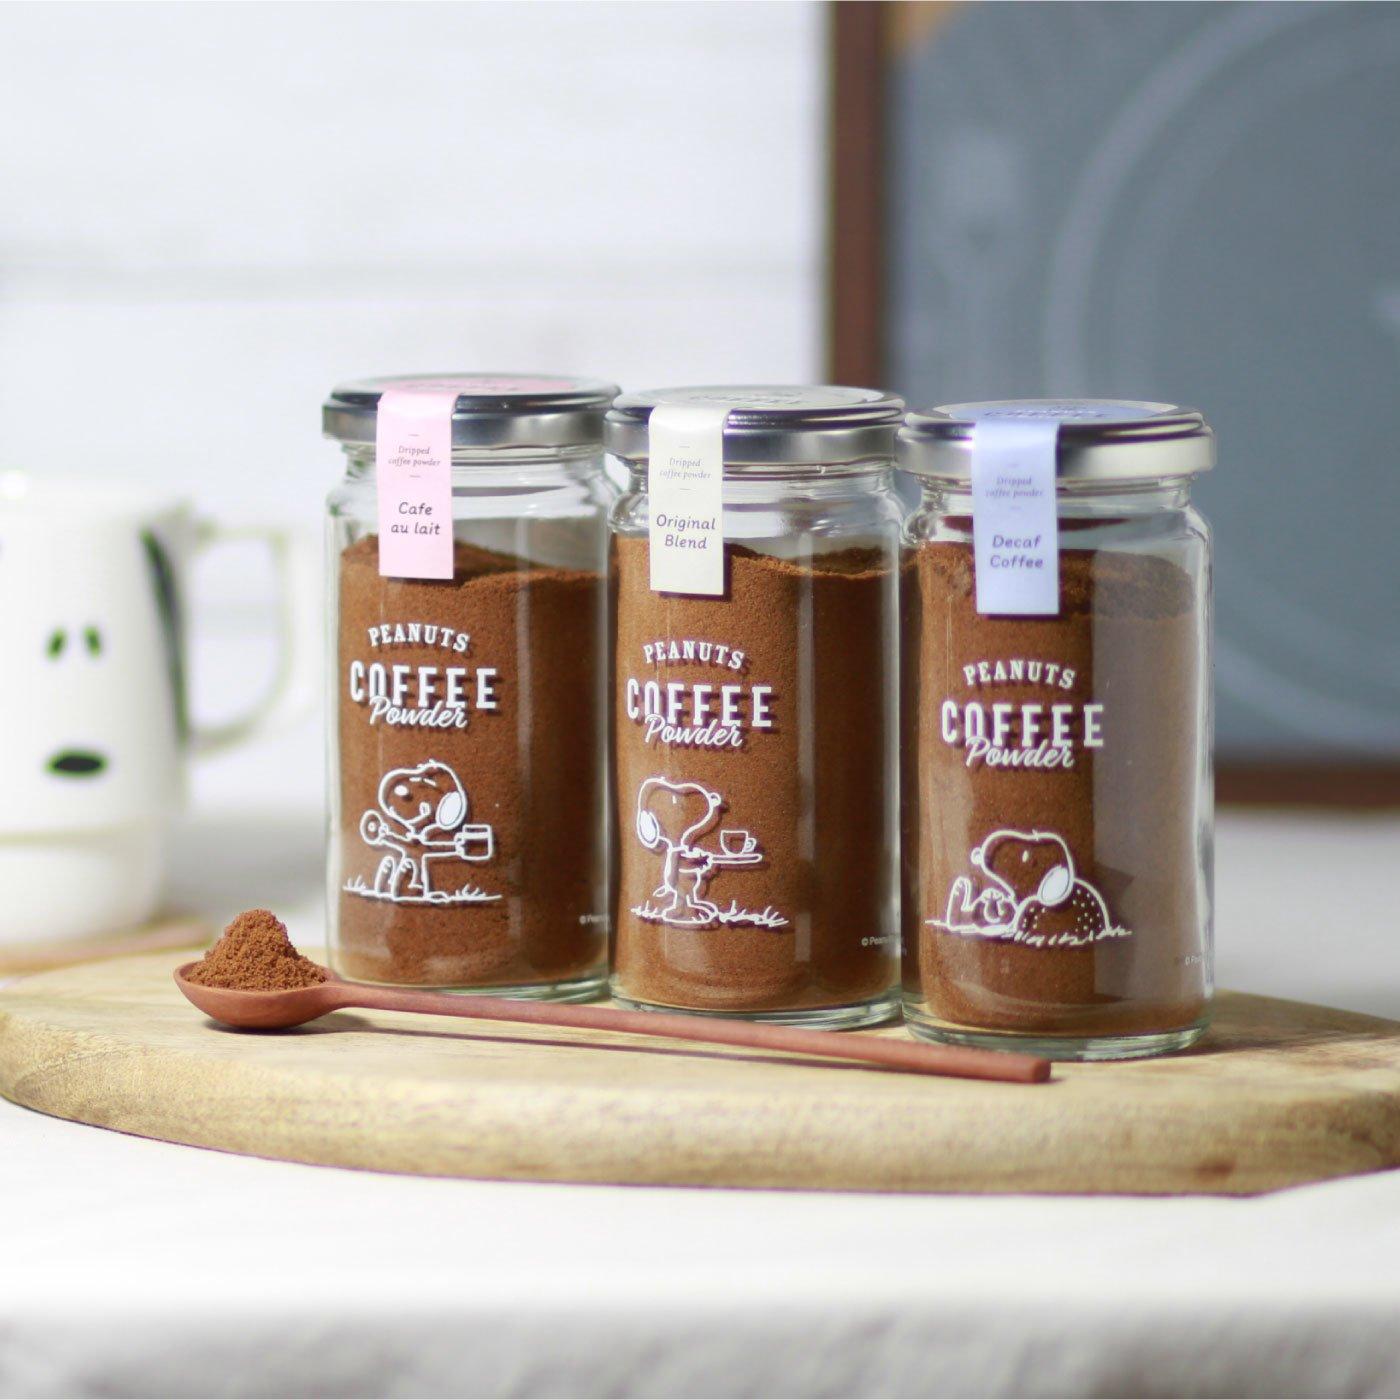 スヌーピーパウダーコーヒー ブレンド&カフェオレ&デカフェ 3本ギフトセット